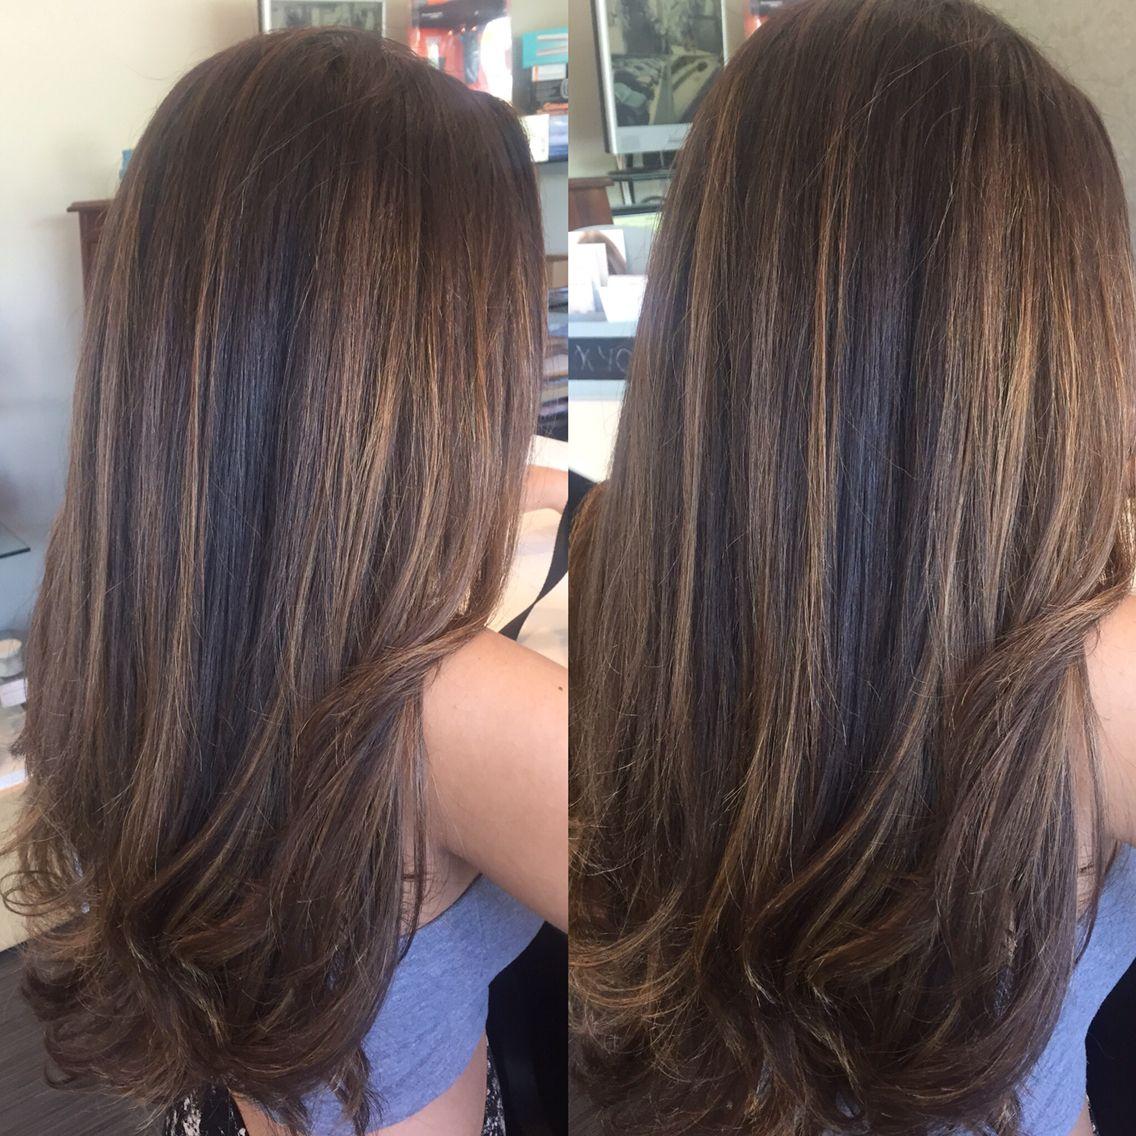 Balayage Highlights On Natural Dark Hair Long Hair Ombre